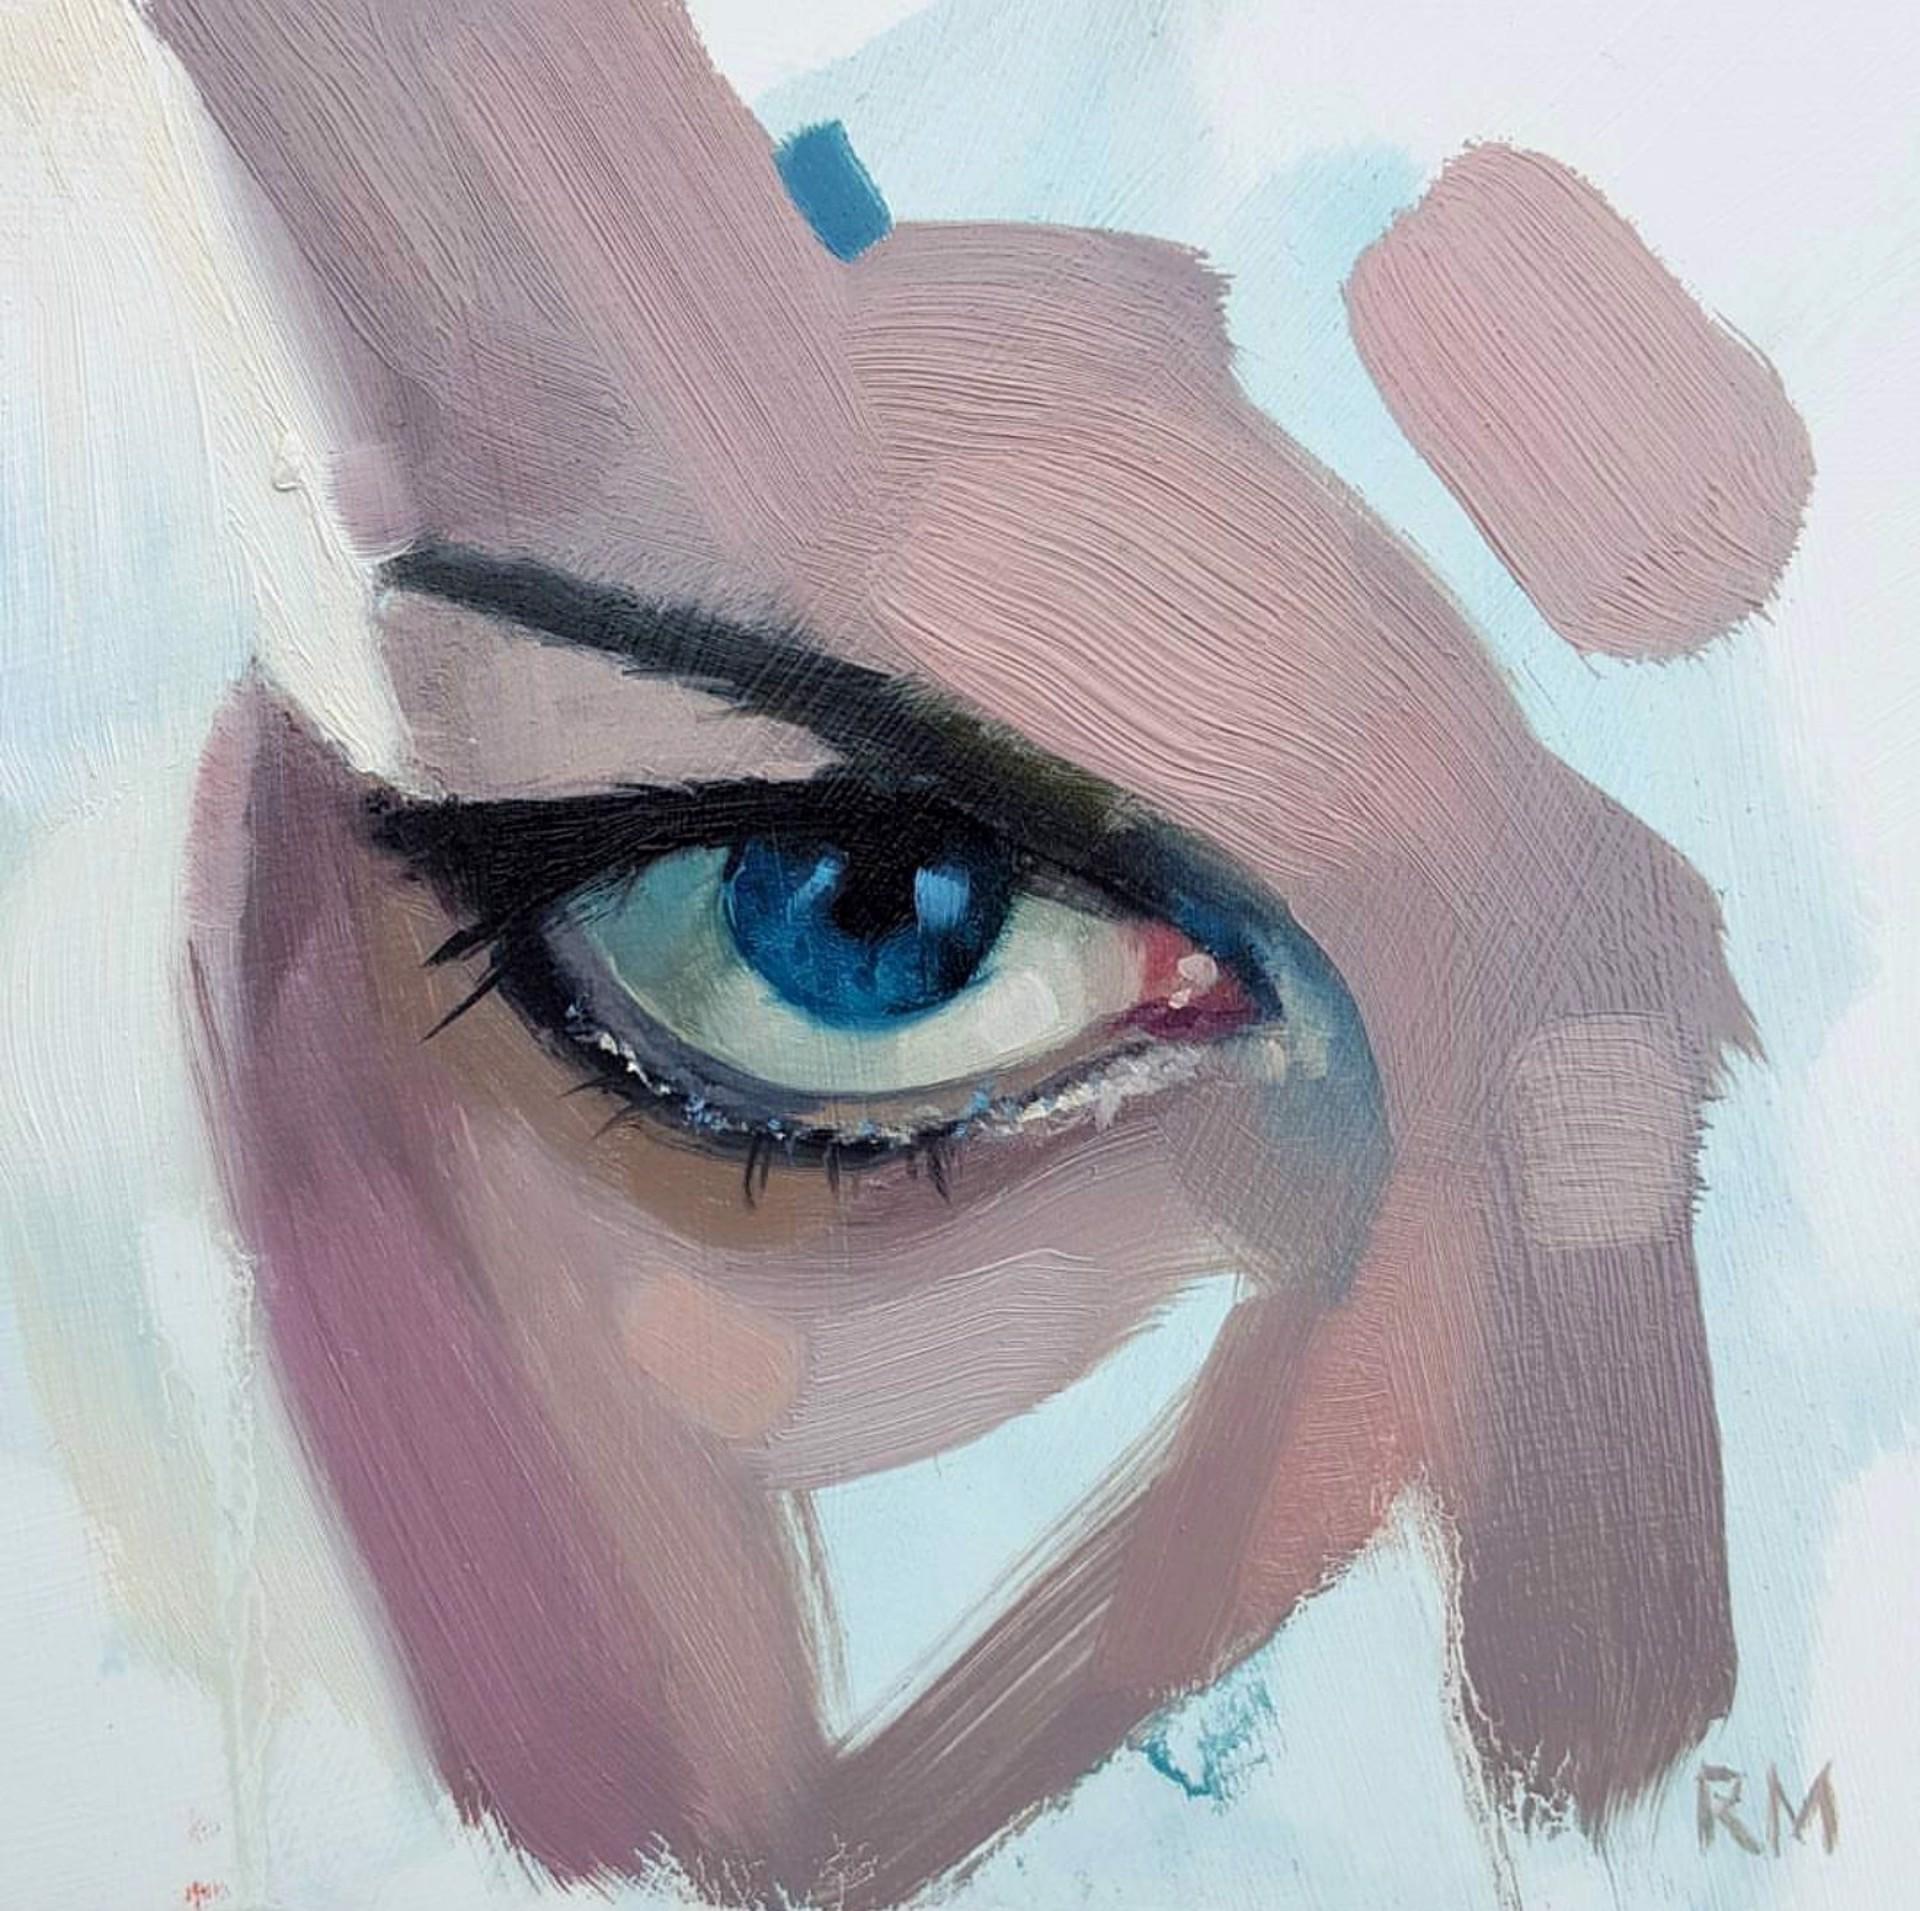 Intense Blue by Ryan Morse